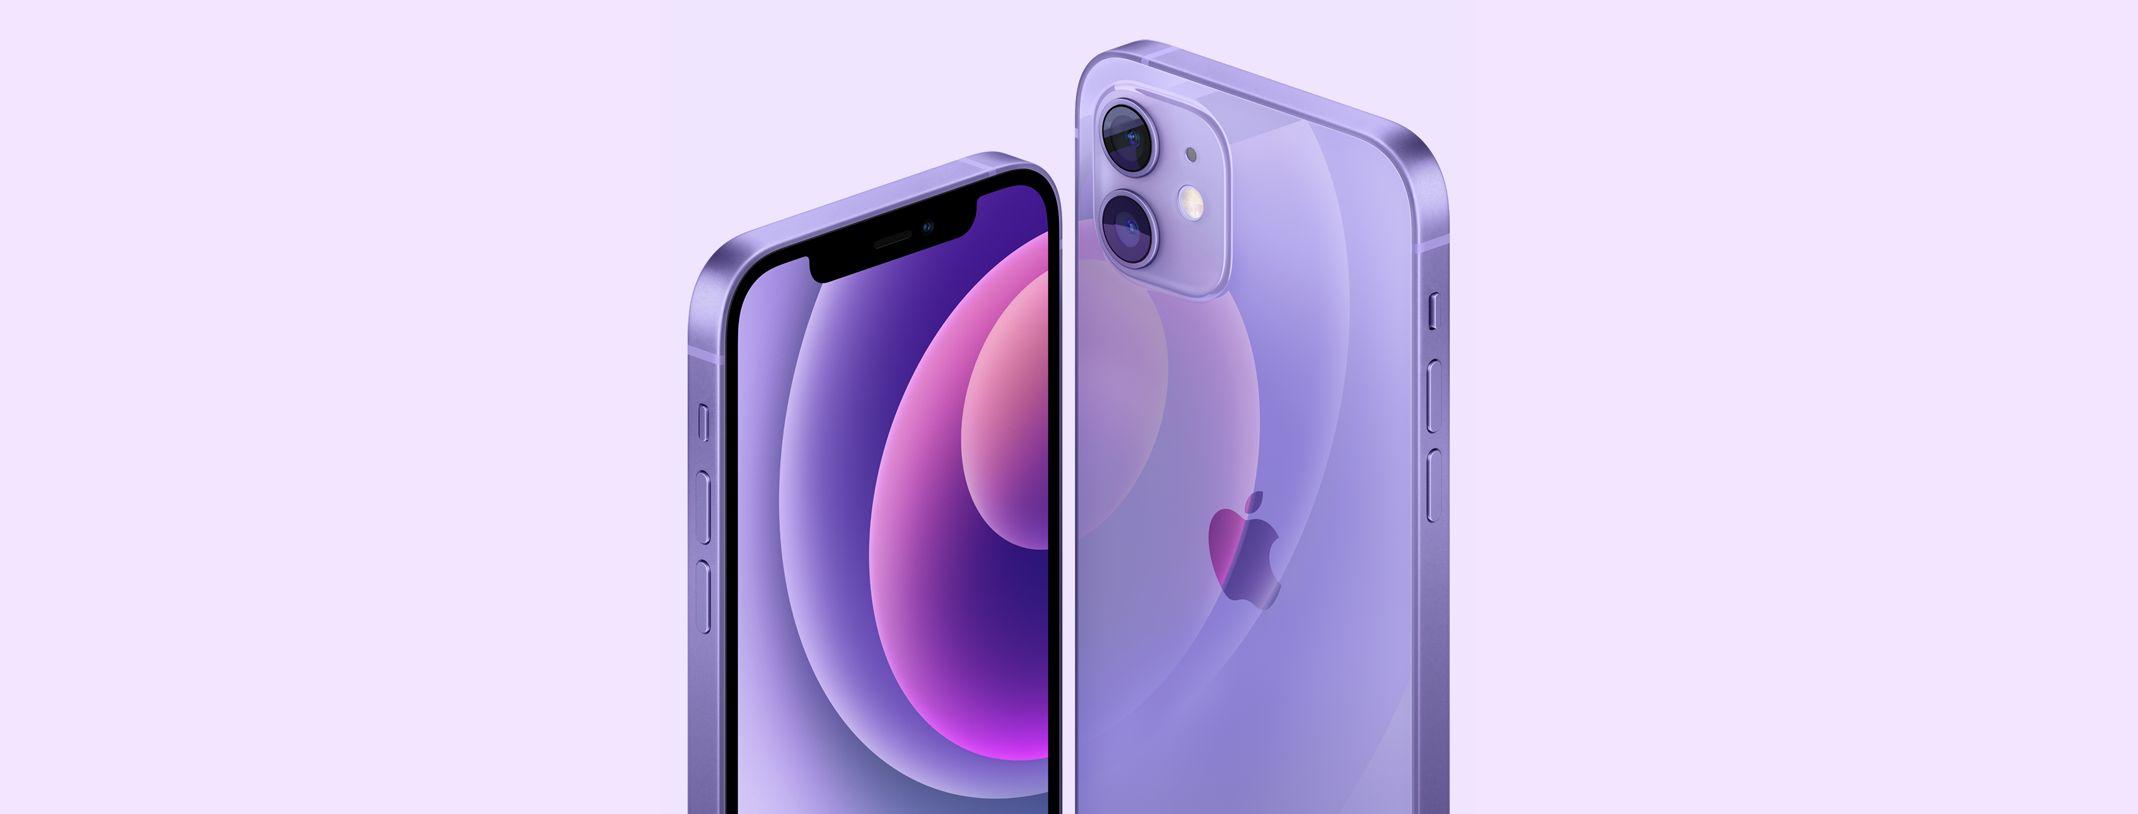 iPhone 12 roxo